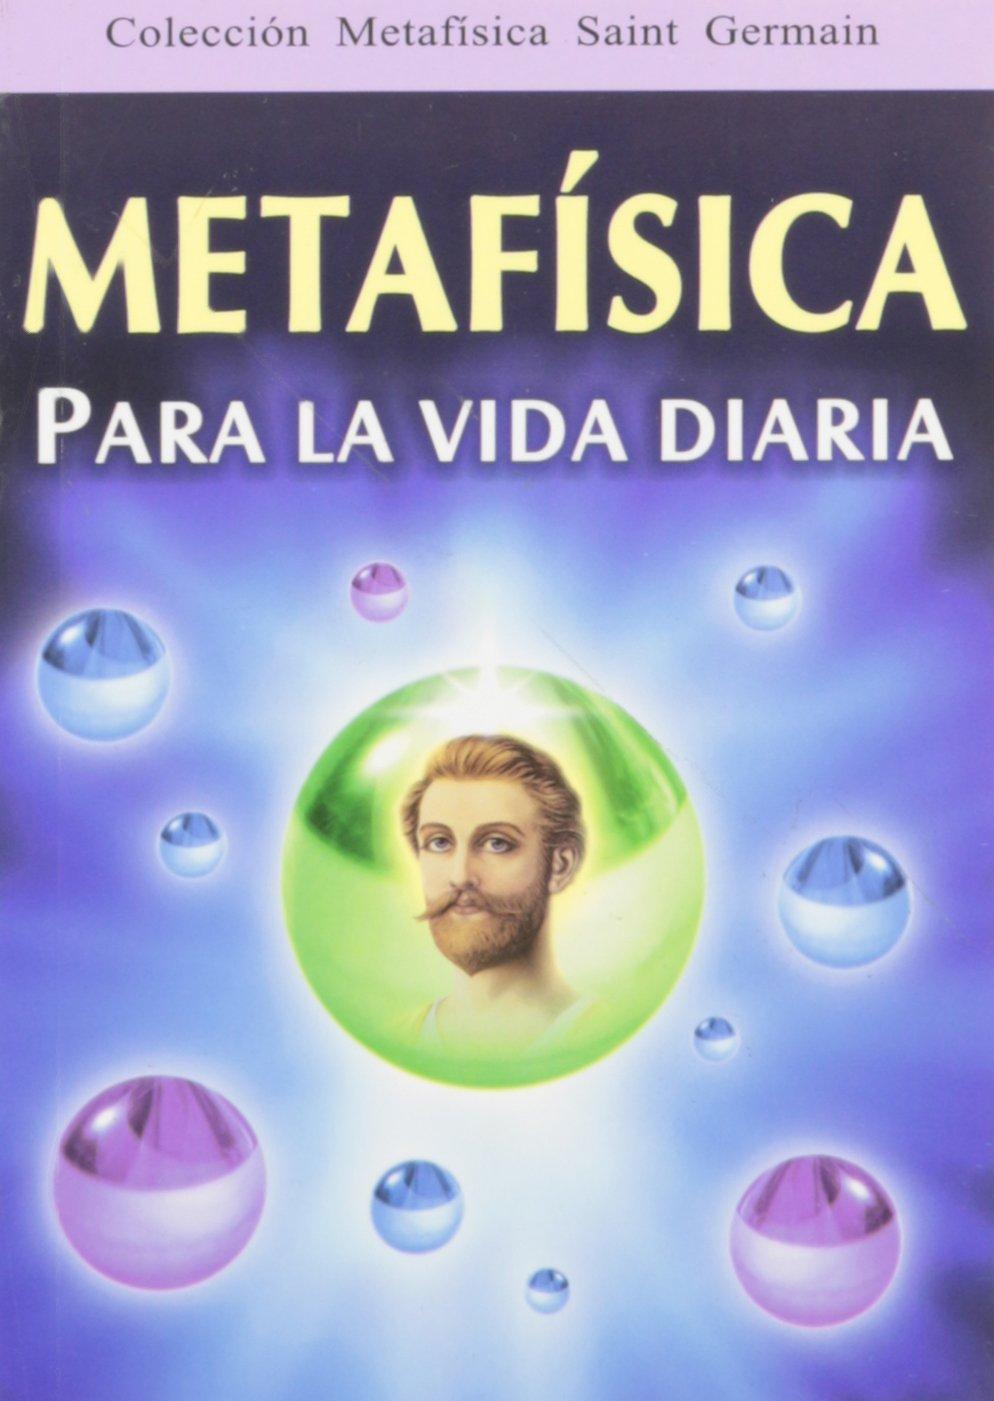 Metafisica Para La Vida Diaria Spanish Edition St Germain